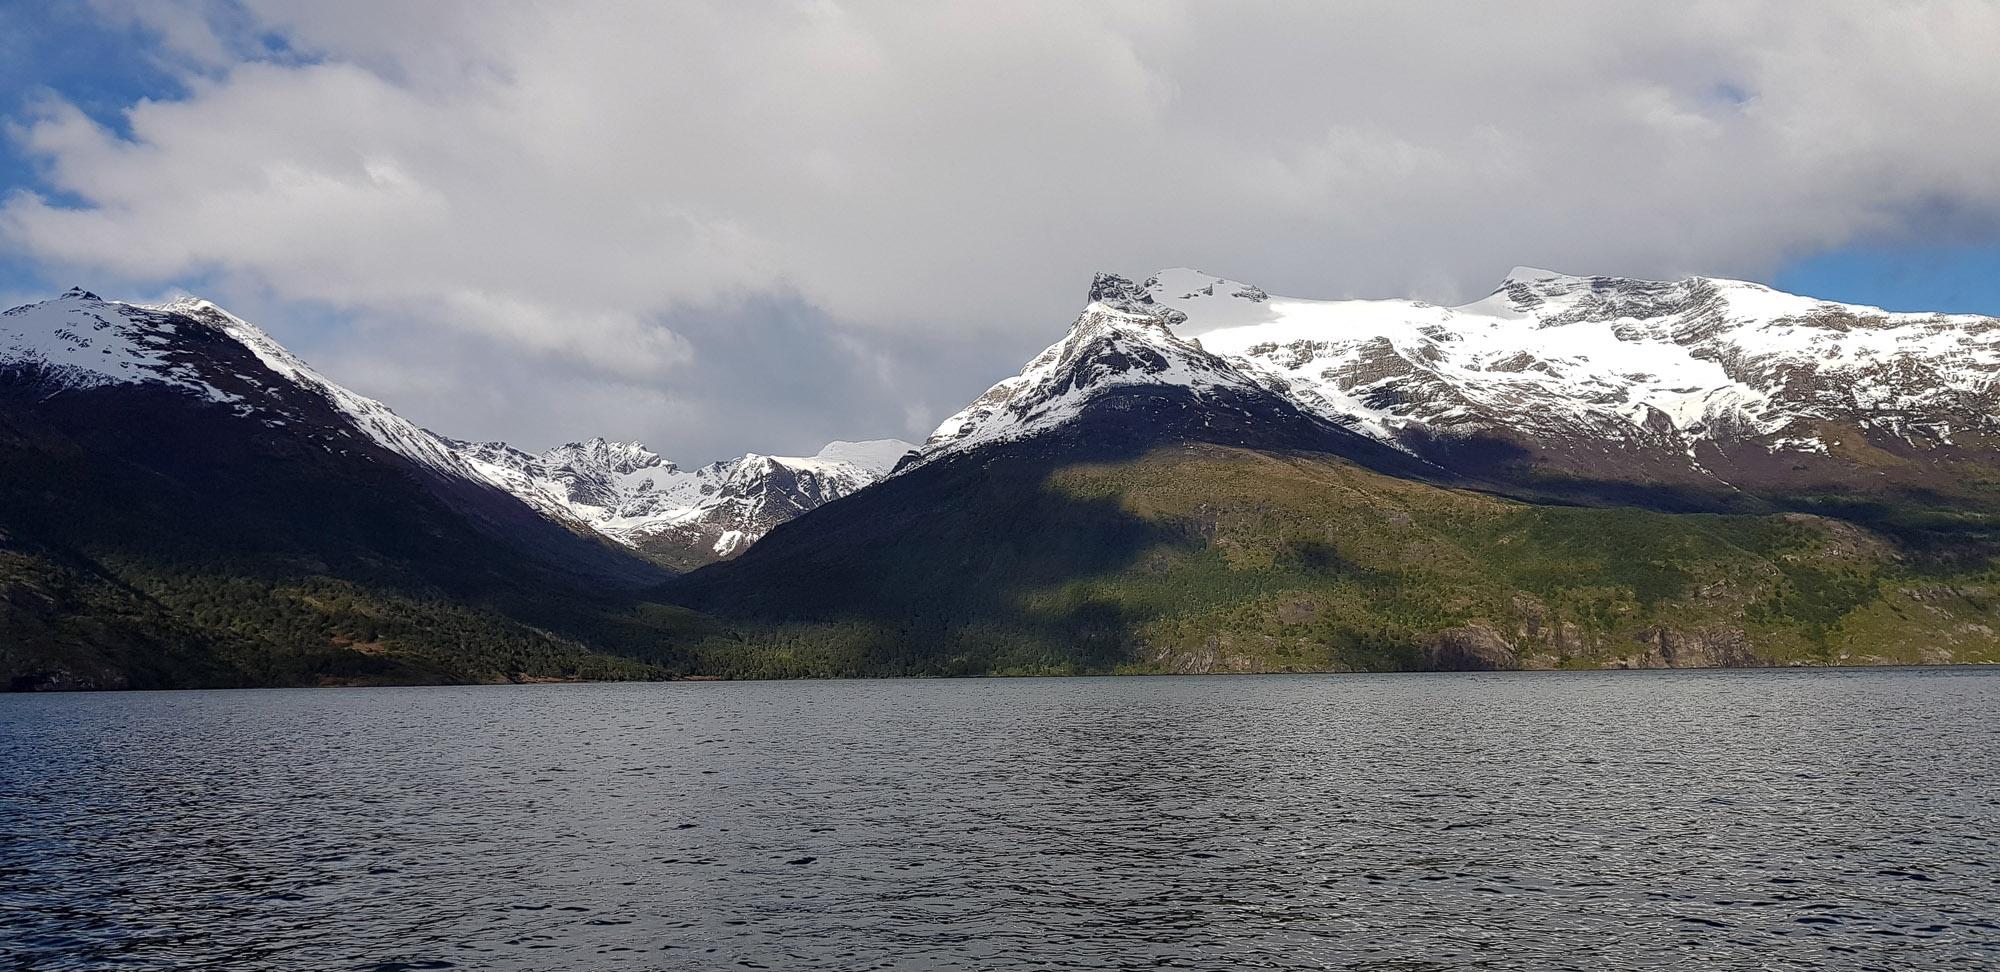 """Mit dem Katamaran von Puerto Natales durch den """"Fjord der letzten Hoffnung' (Fjordo de Ultima Esperanza) zu den berühmten Gletschern Balmaceda und Serrano"""